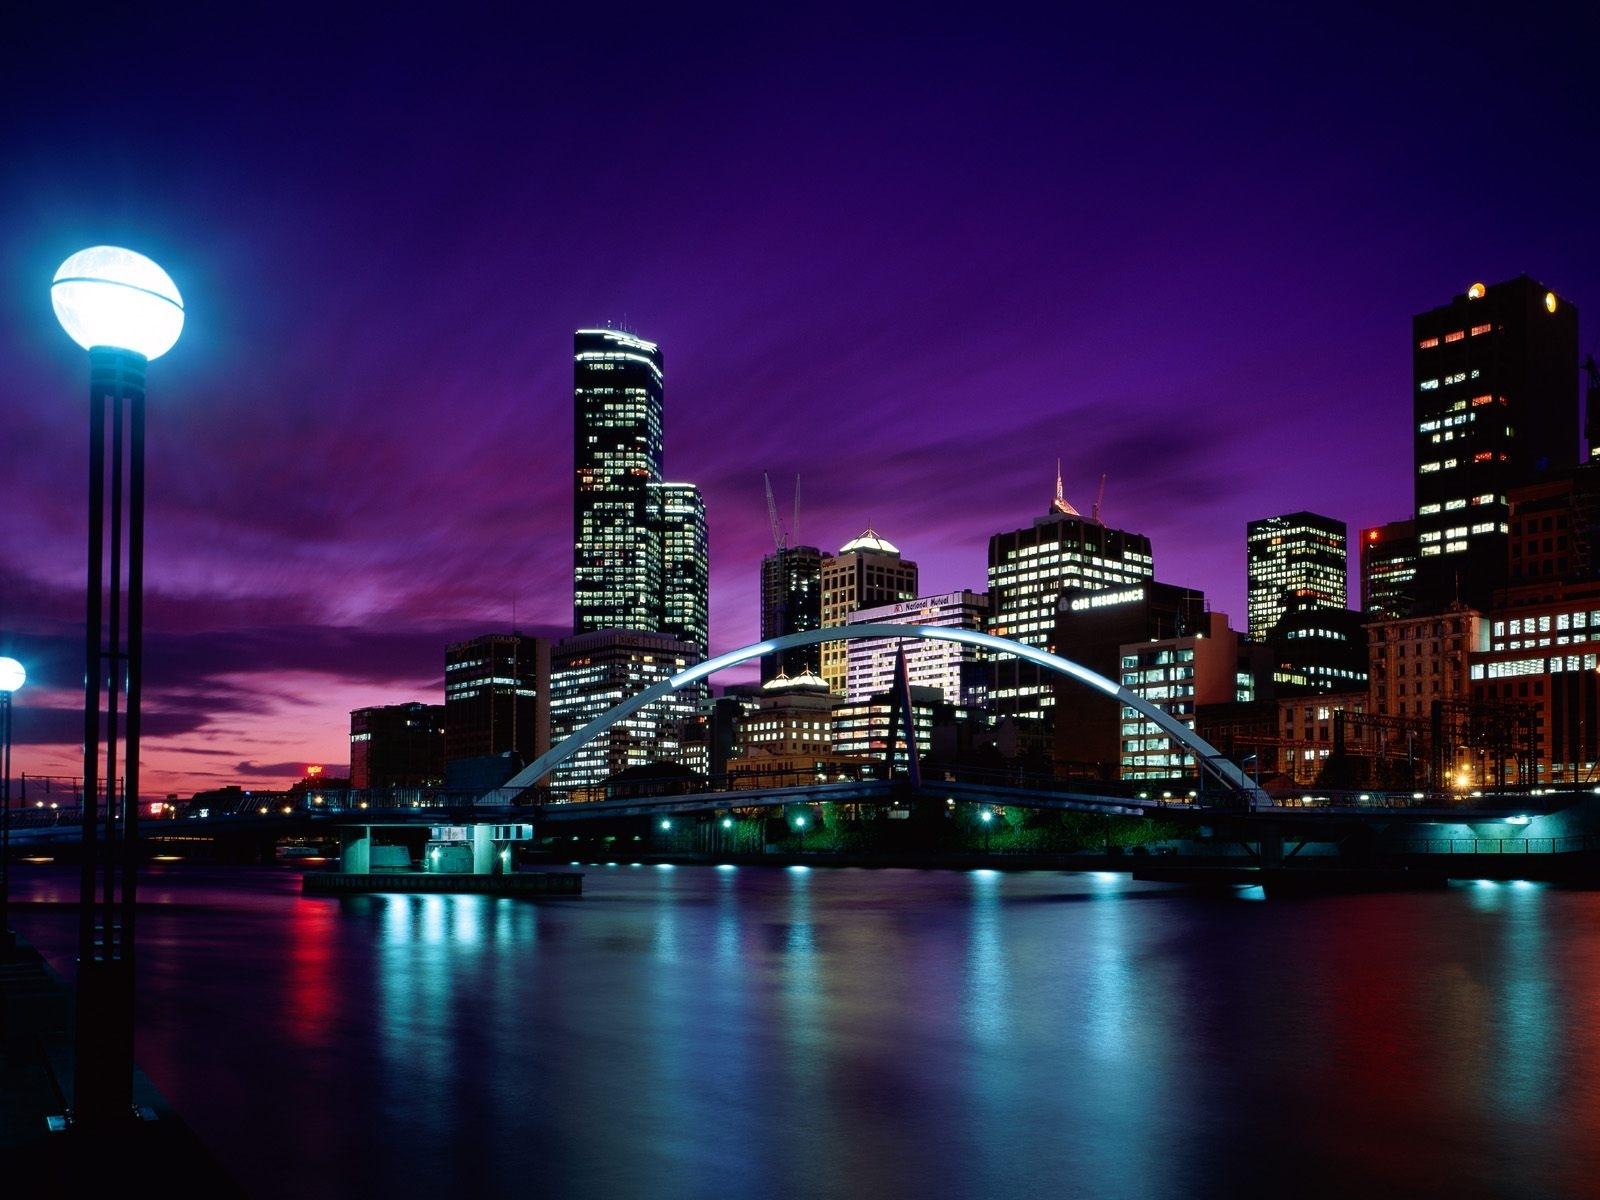 741 Заставки и Обои Города на телефон. Скачать Пейзаж, Города, Мосты, Ночь, Архитектура картинки бесплатно